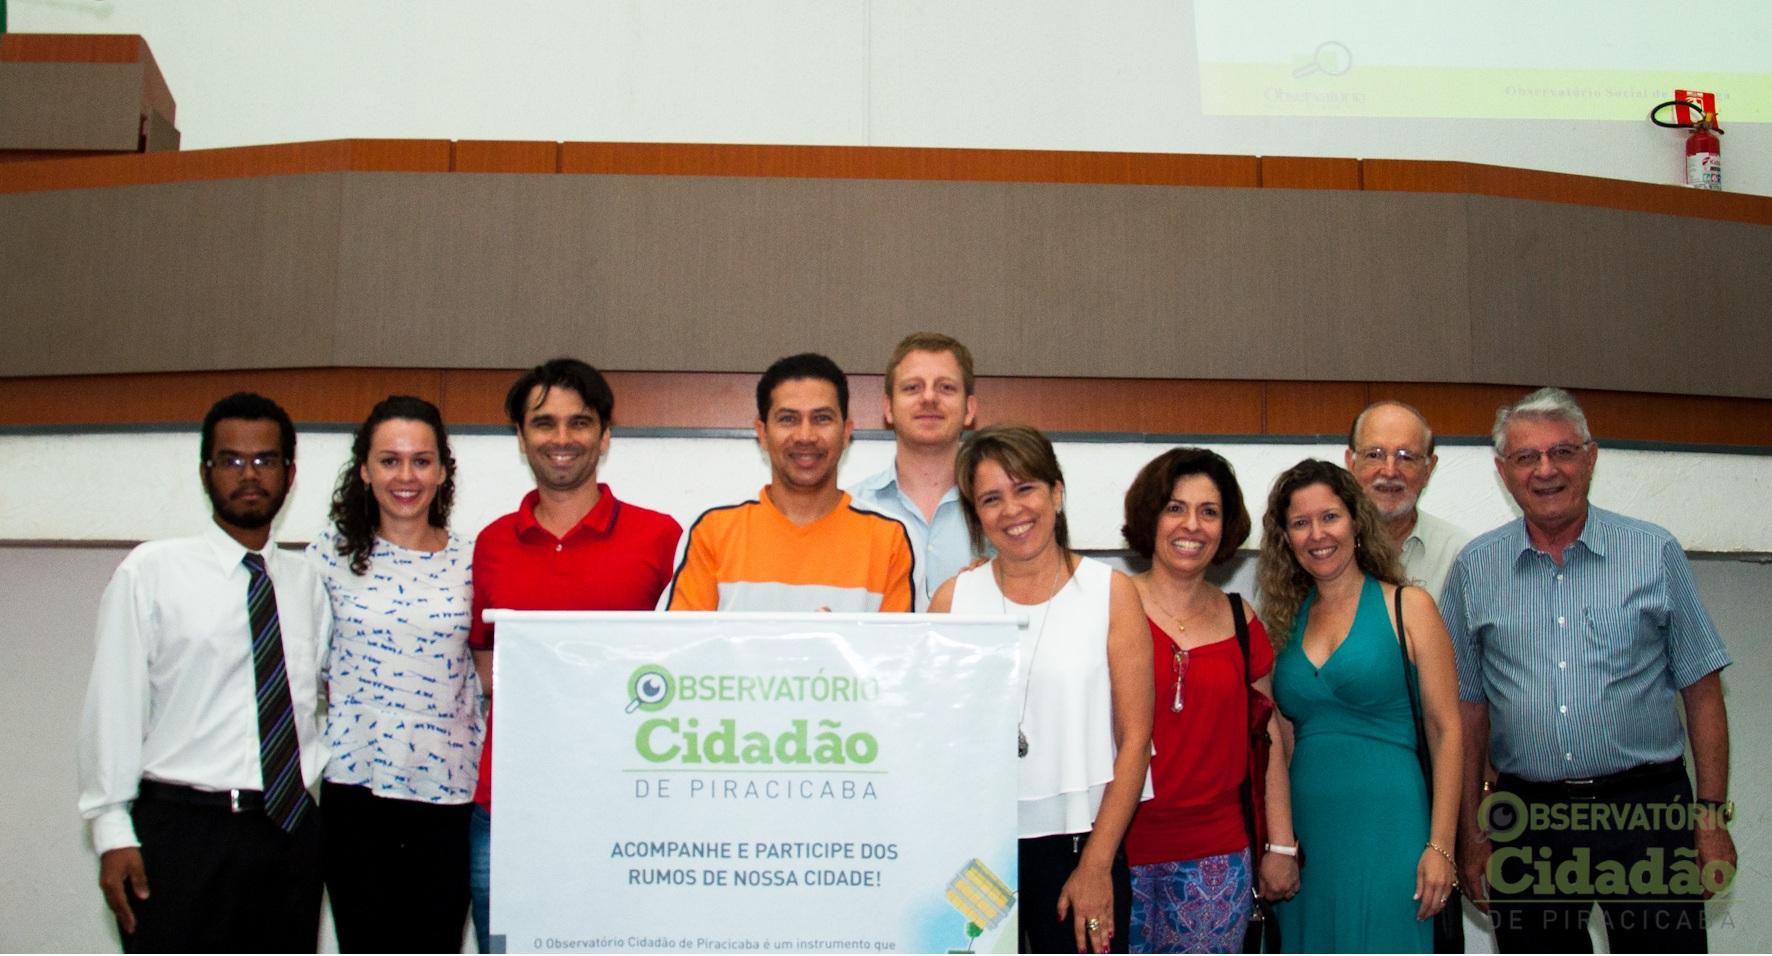 Observatório comemora 2 anos de atividades em Piracicaba